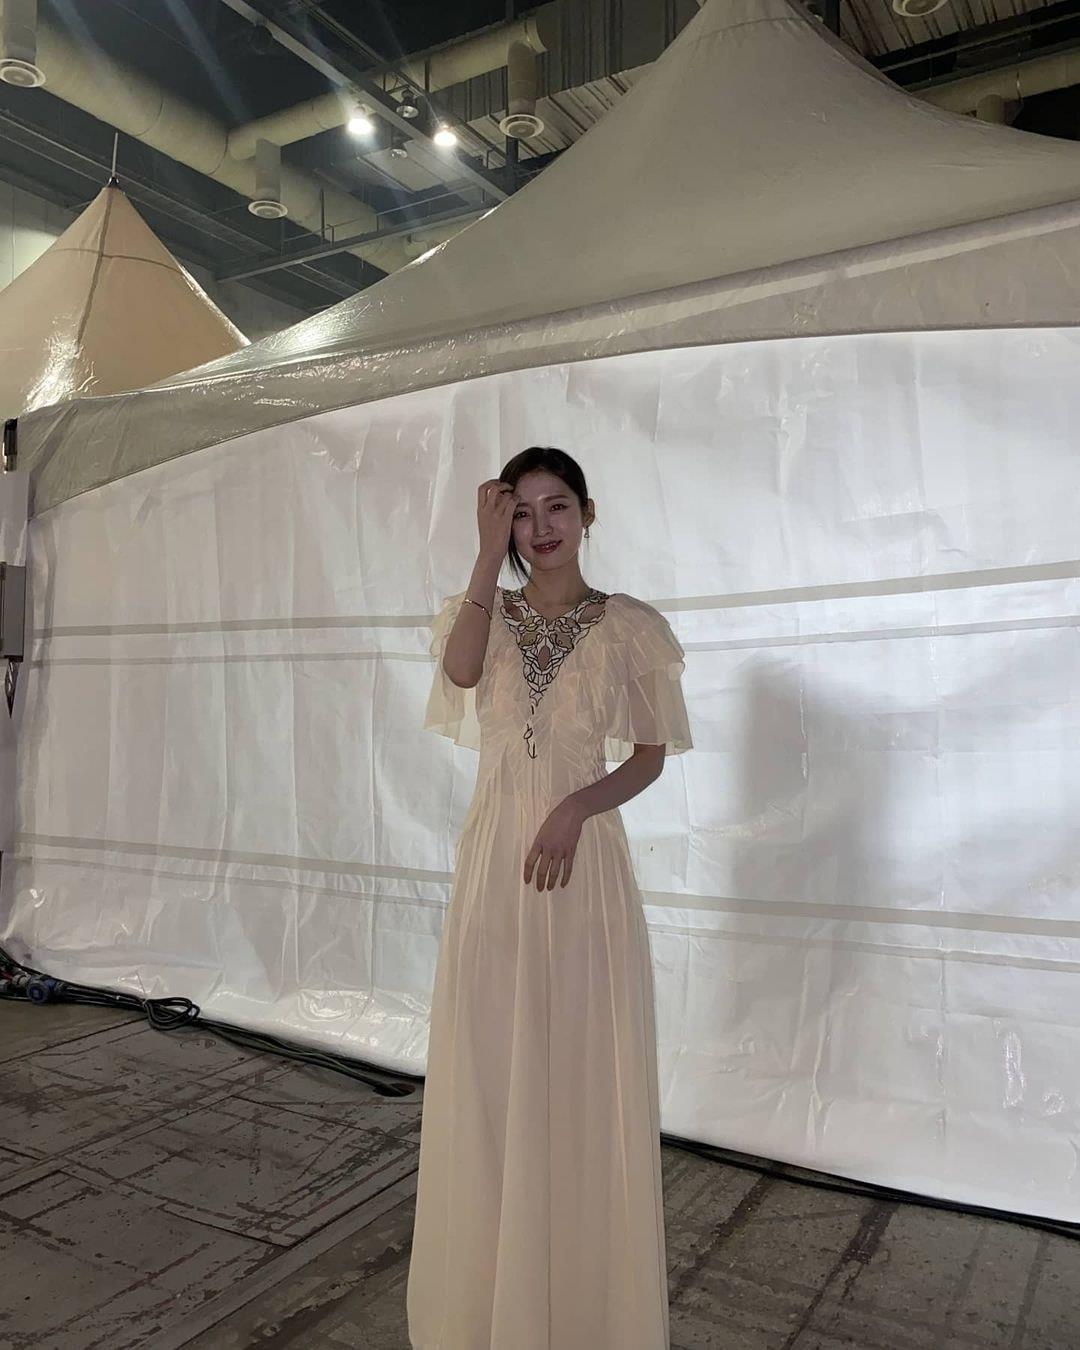 Cùng kiểu váy cùng cách lên đồ nhưng Park Min Young vẫn lấn lướt hơn hẳn Arin (Oh My Girl) với thần thái của một diễn viên  - Ảnh 7.